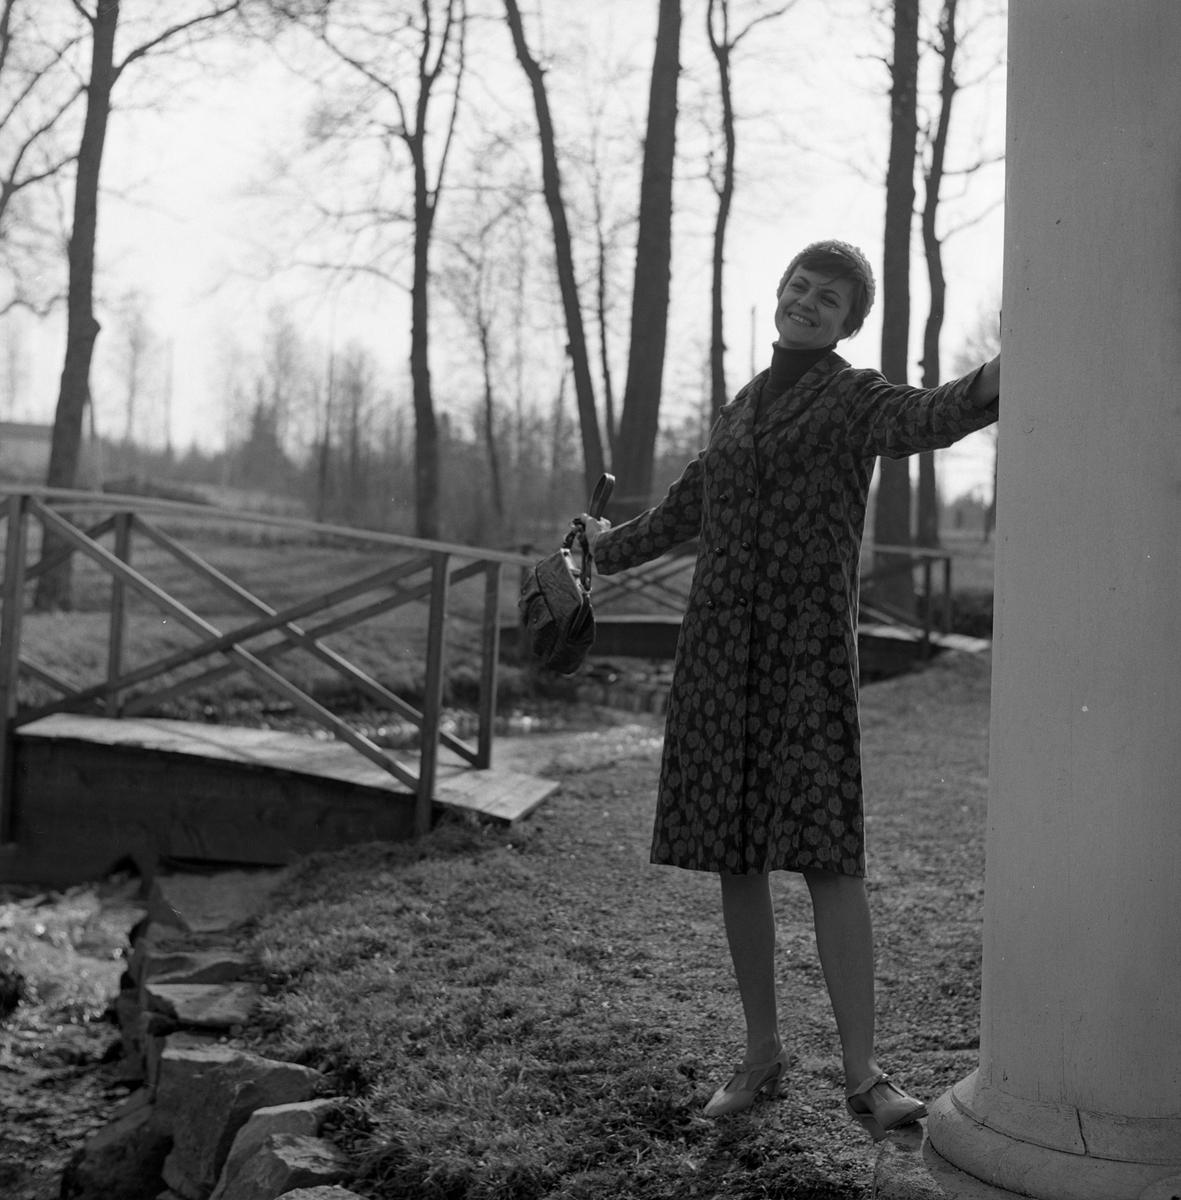 Ateljé Touche. Marianne Rosenqvist visar mode. Mönstrad kappa, mössa och handväska. I bakgrunden syns bäcken och ett par små broar.